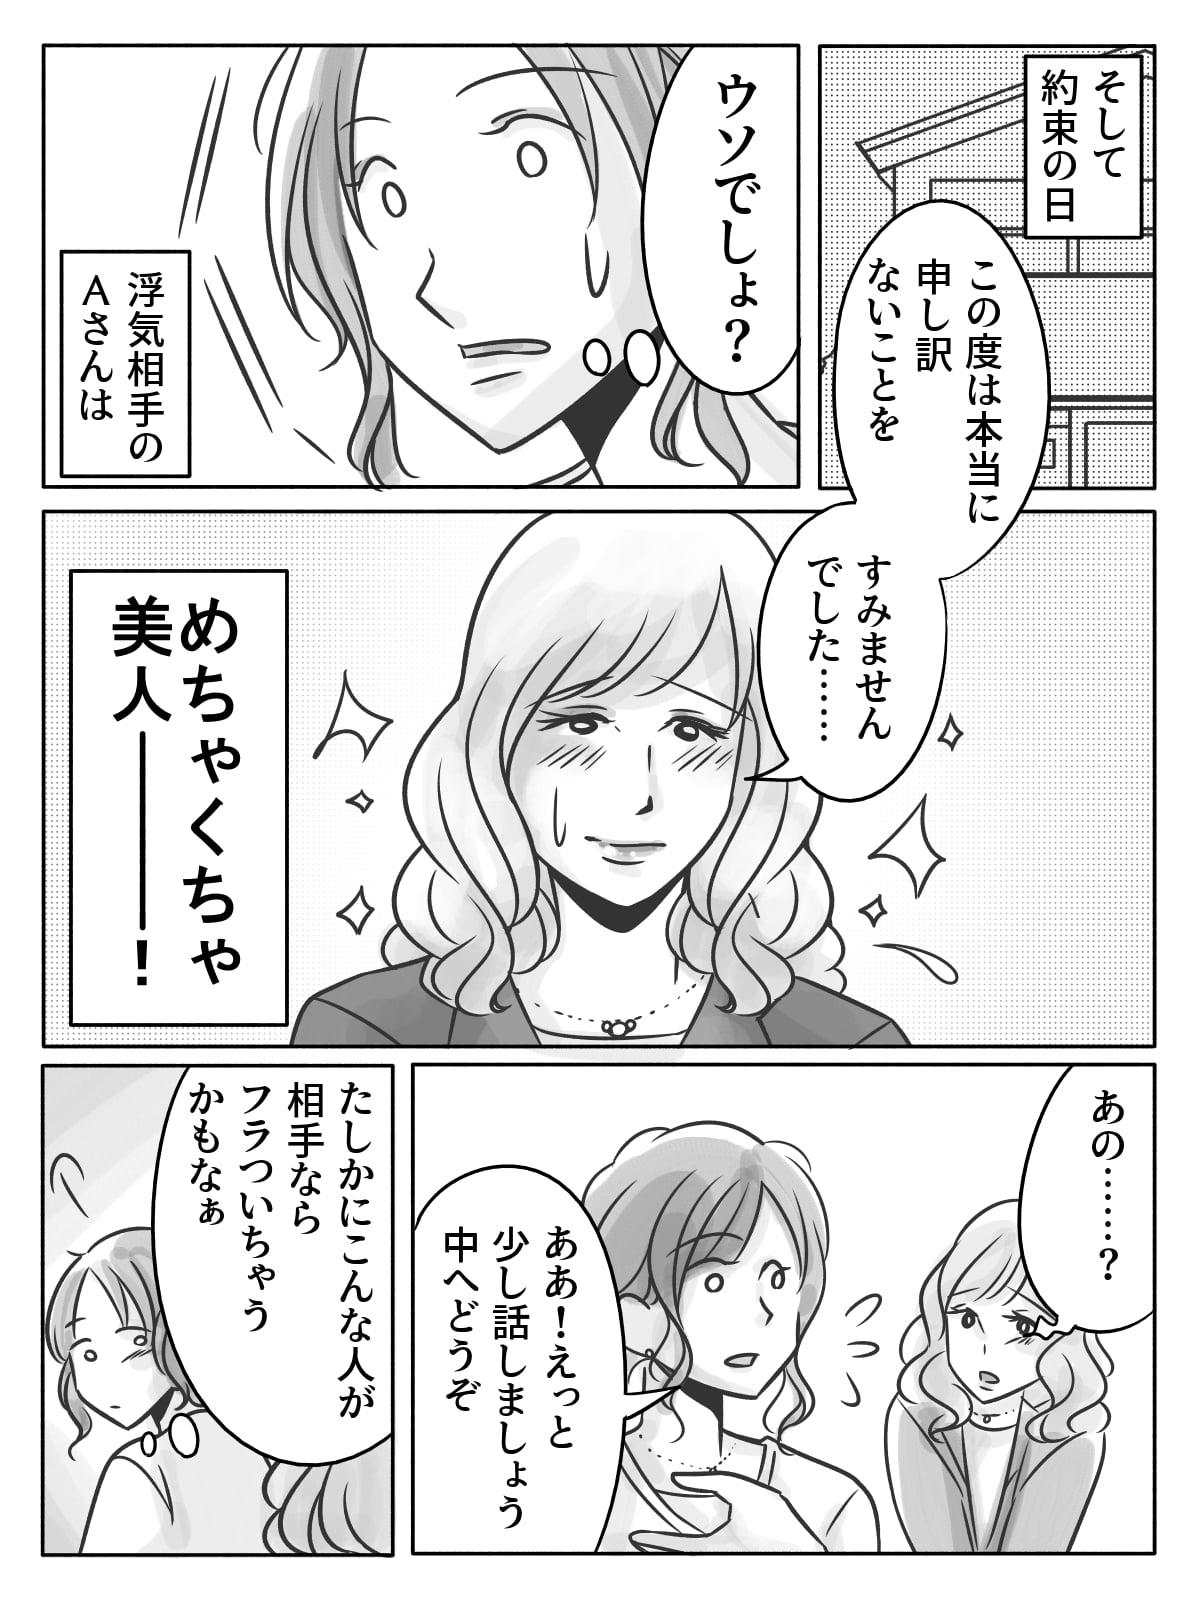 旦那の浮気発覚!02